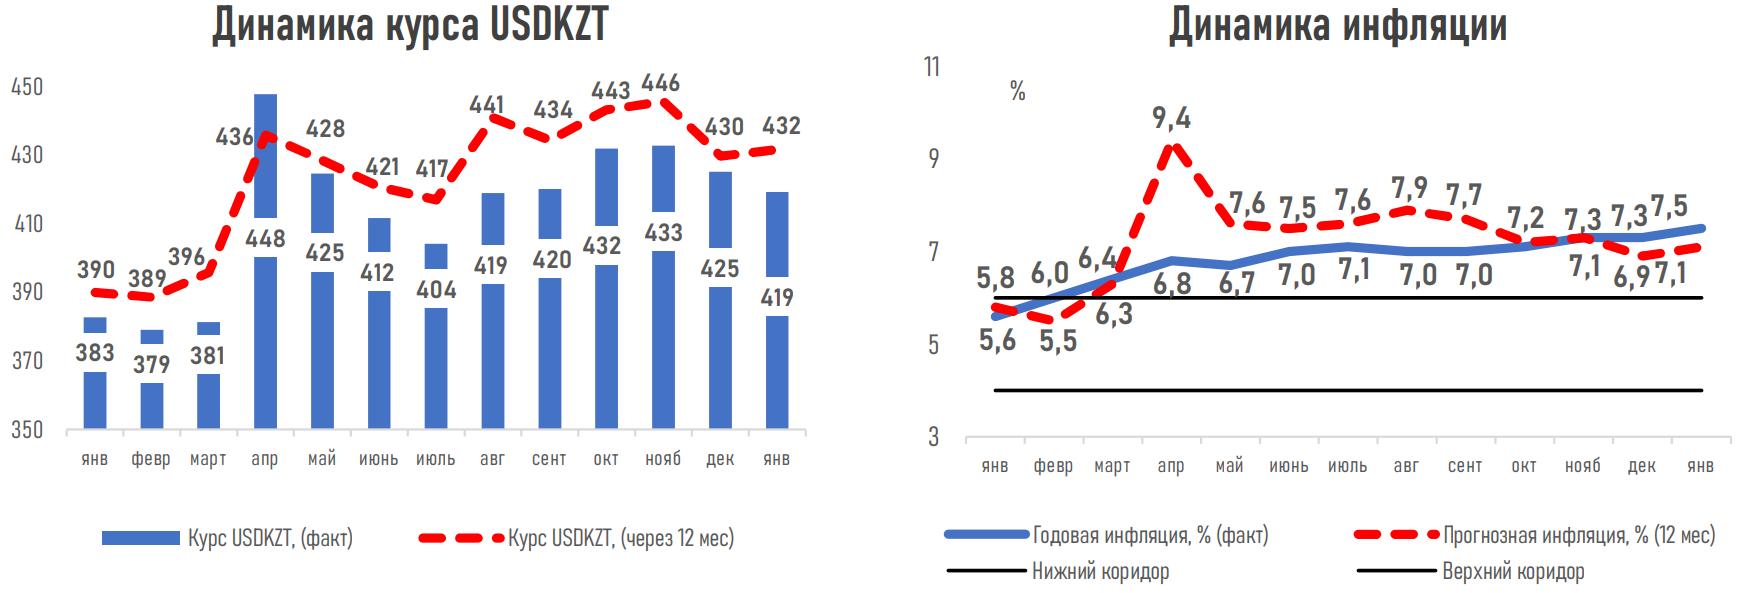 Эксперты ожидают роста ВВП Казахстана в 2021 году на 2,7% 569272 - Kapital.kz